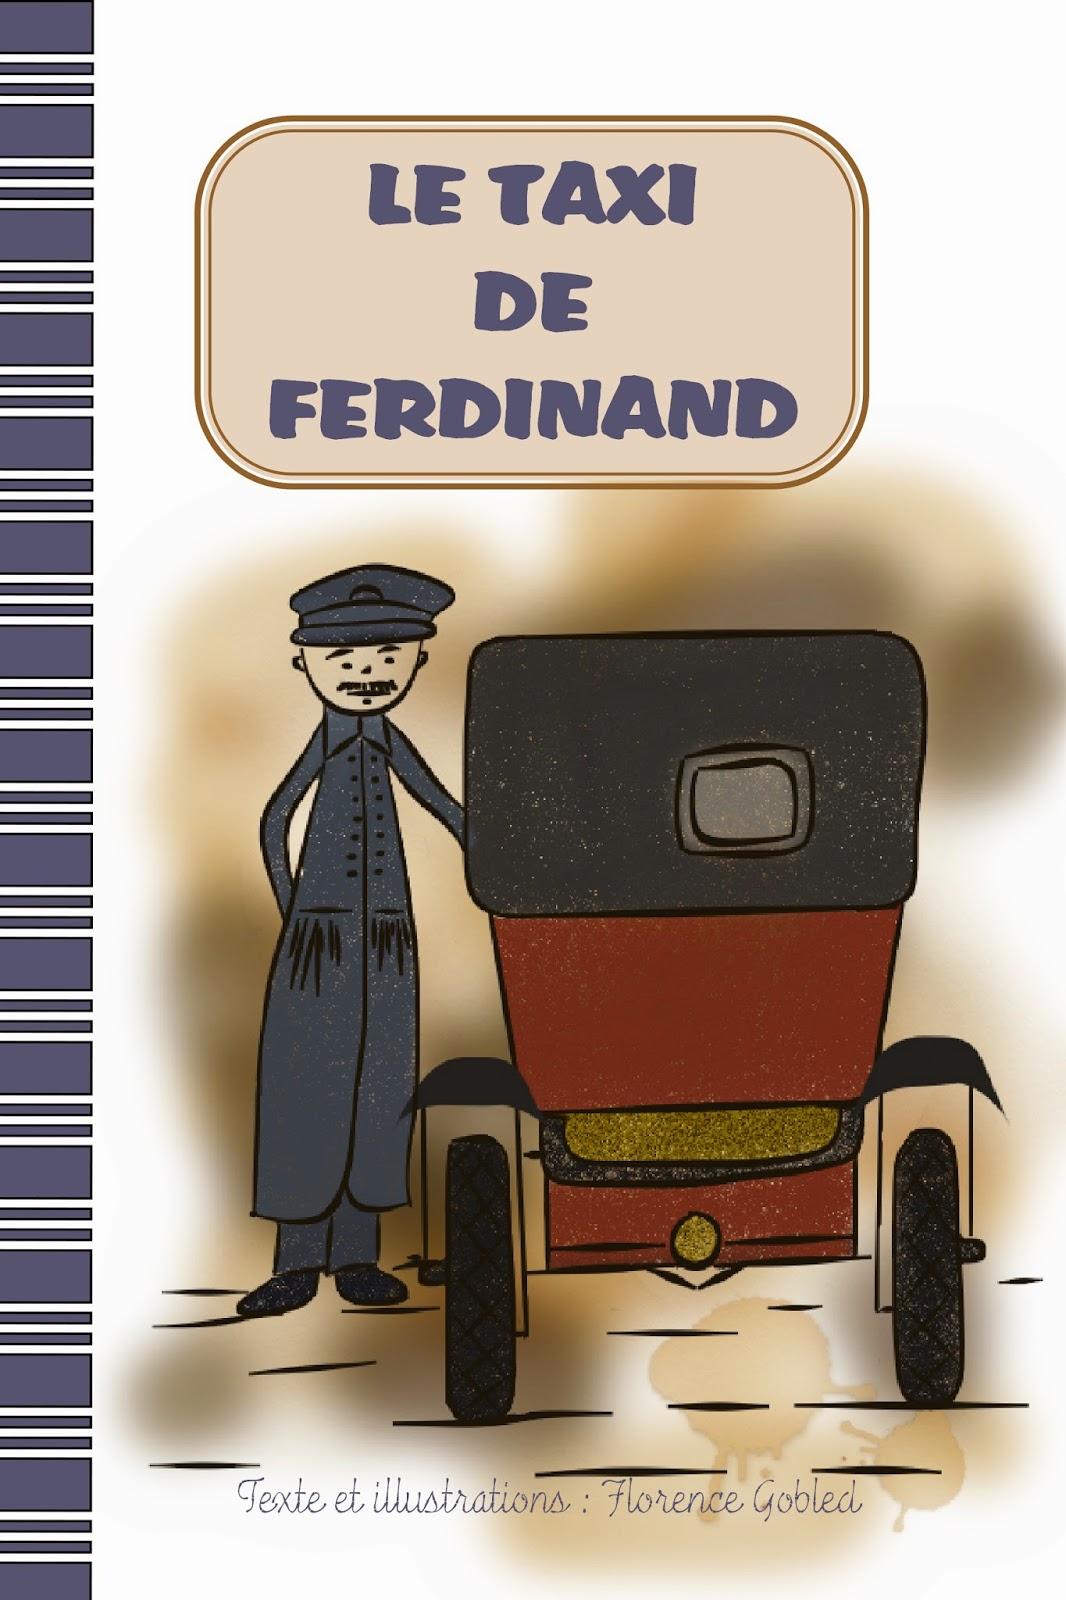 Amazon, Editions du loup bleu : Le taxi de Ferdinand. Album illustré pour les enfants à partir de 7 ans. Ce livre nous raconte l'histoire de la Bataille de la Marne, pendant la première guerre mondiale, à travers les yeux d'un taxis parisien. La guerre y est en toile de fond mais c'est vraiment l'aventure des taxis qui est mise en avant par l'auteur, avec spontanéité et humour